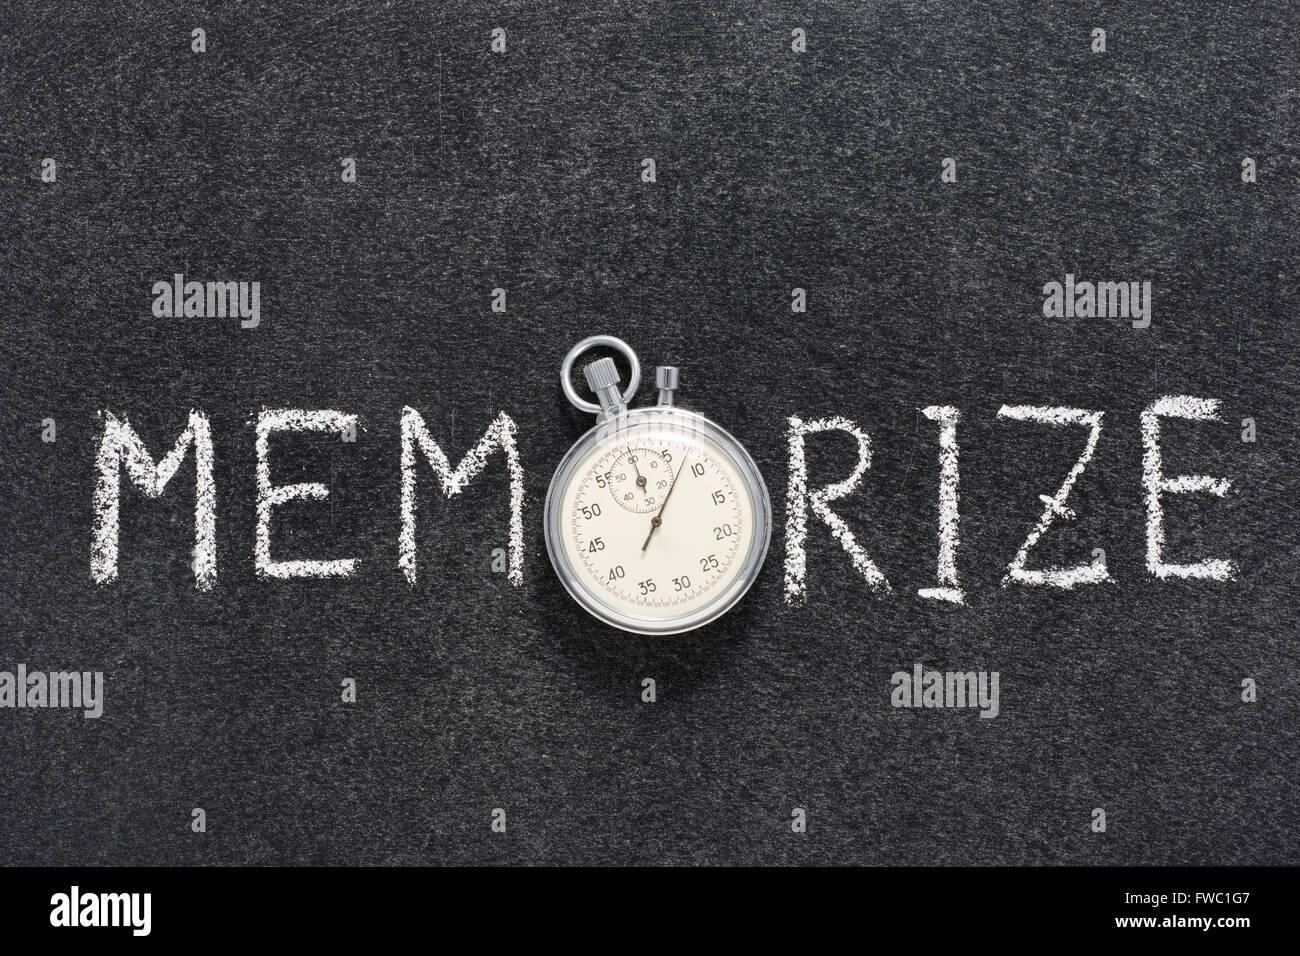 Memorizzare la parola manoscritta su lavagna con vintage cronometro preciso utilizzato al posto di o Immagini Stock